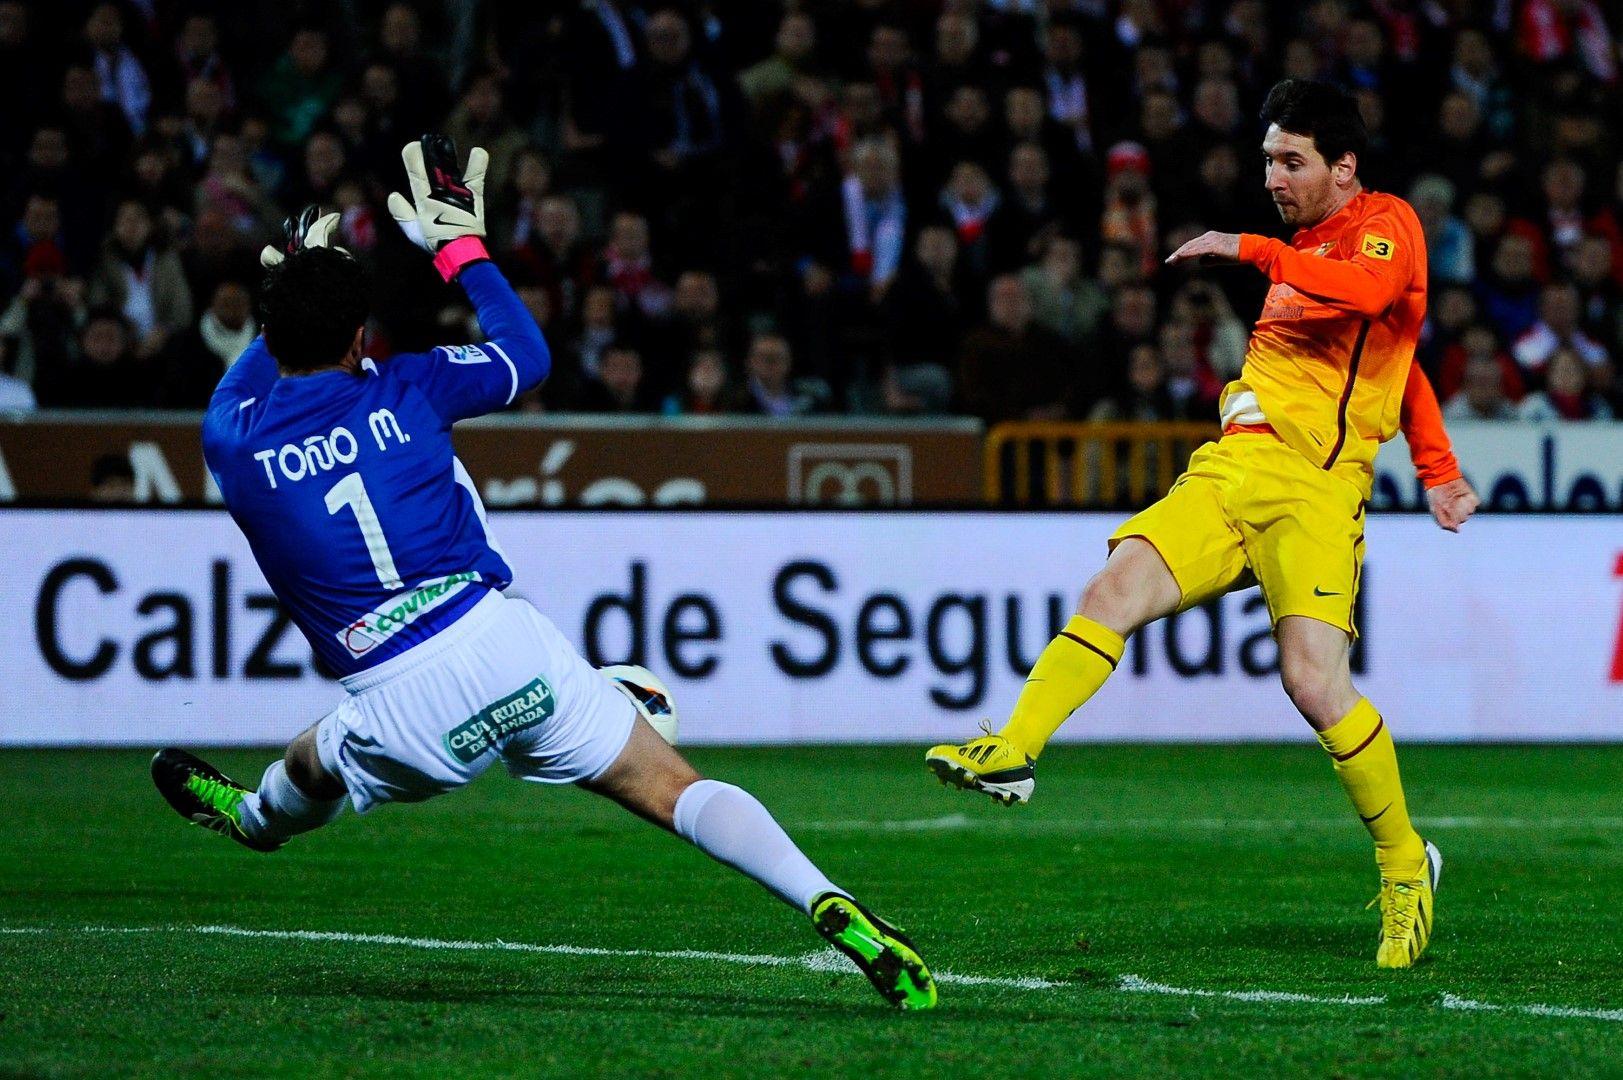 16 февруари 2013 г., Гранада - Барселона 1:2. Меси бележи победното попадение от пряк свободен удар 17 минути преди края. Това е гол №300 с екипа на Барселона.